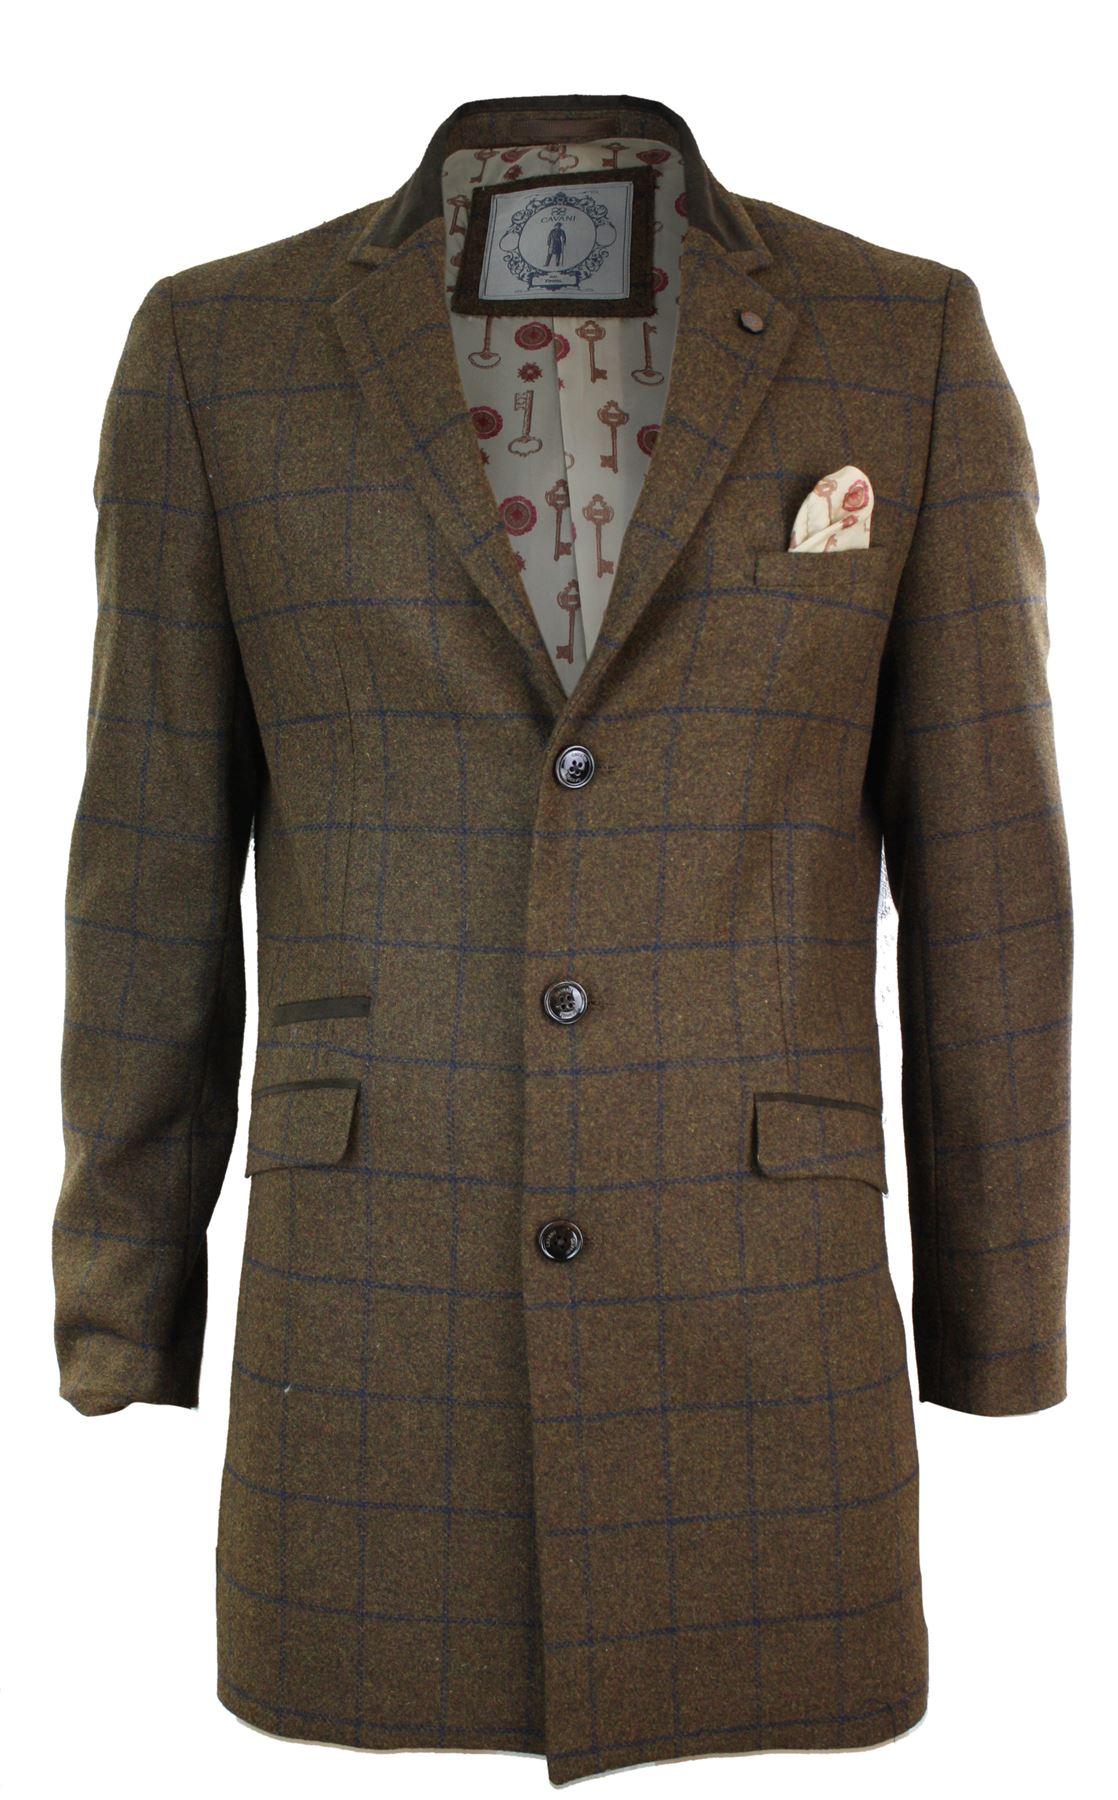 manteau homme veste 3 4 gris marron tweed laine chevrons. Black Bedroom Furniture Sets. Home Design Ideas